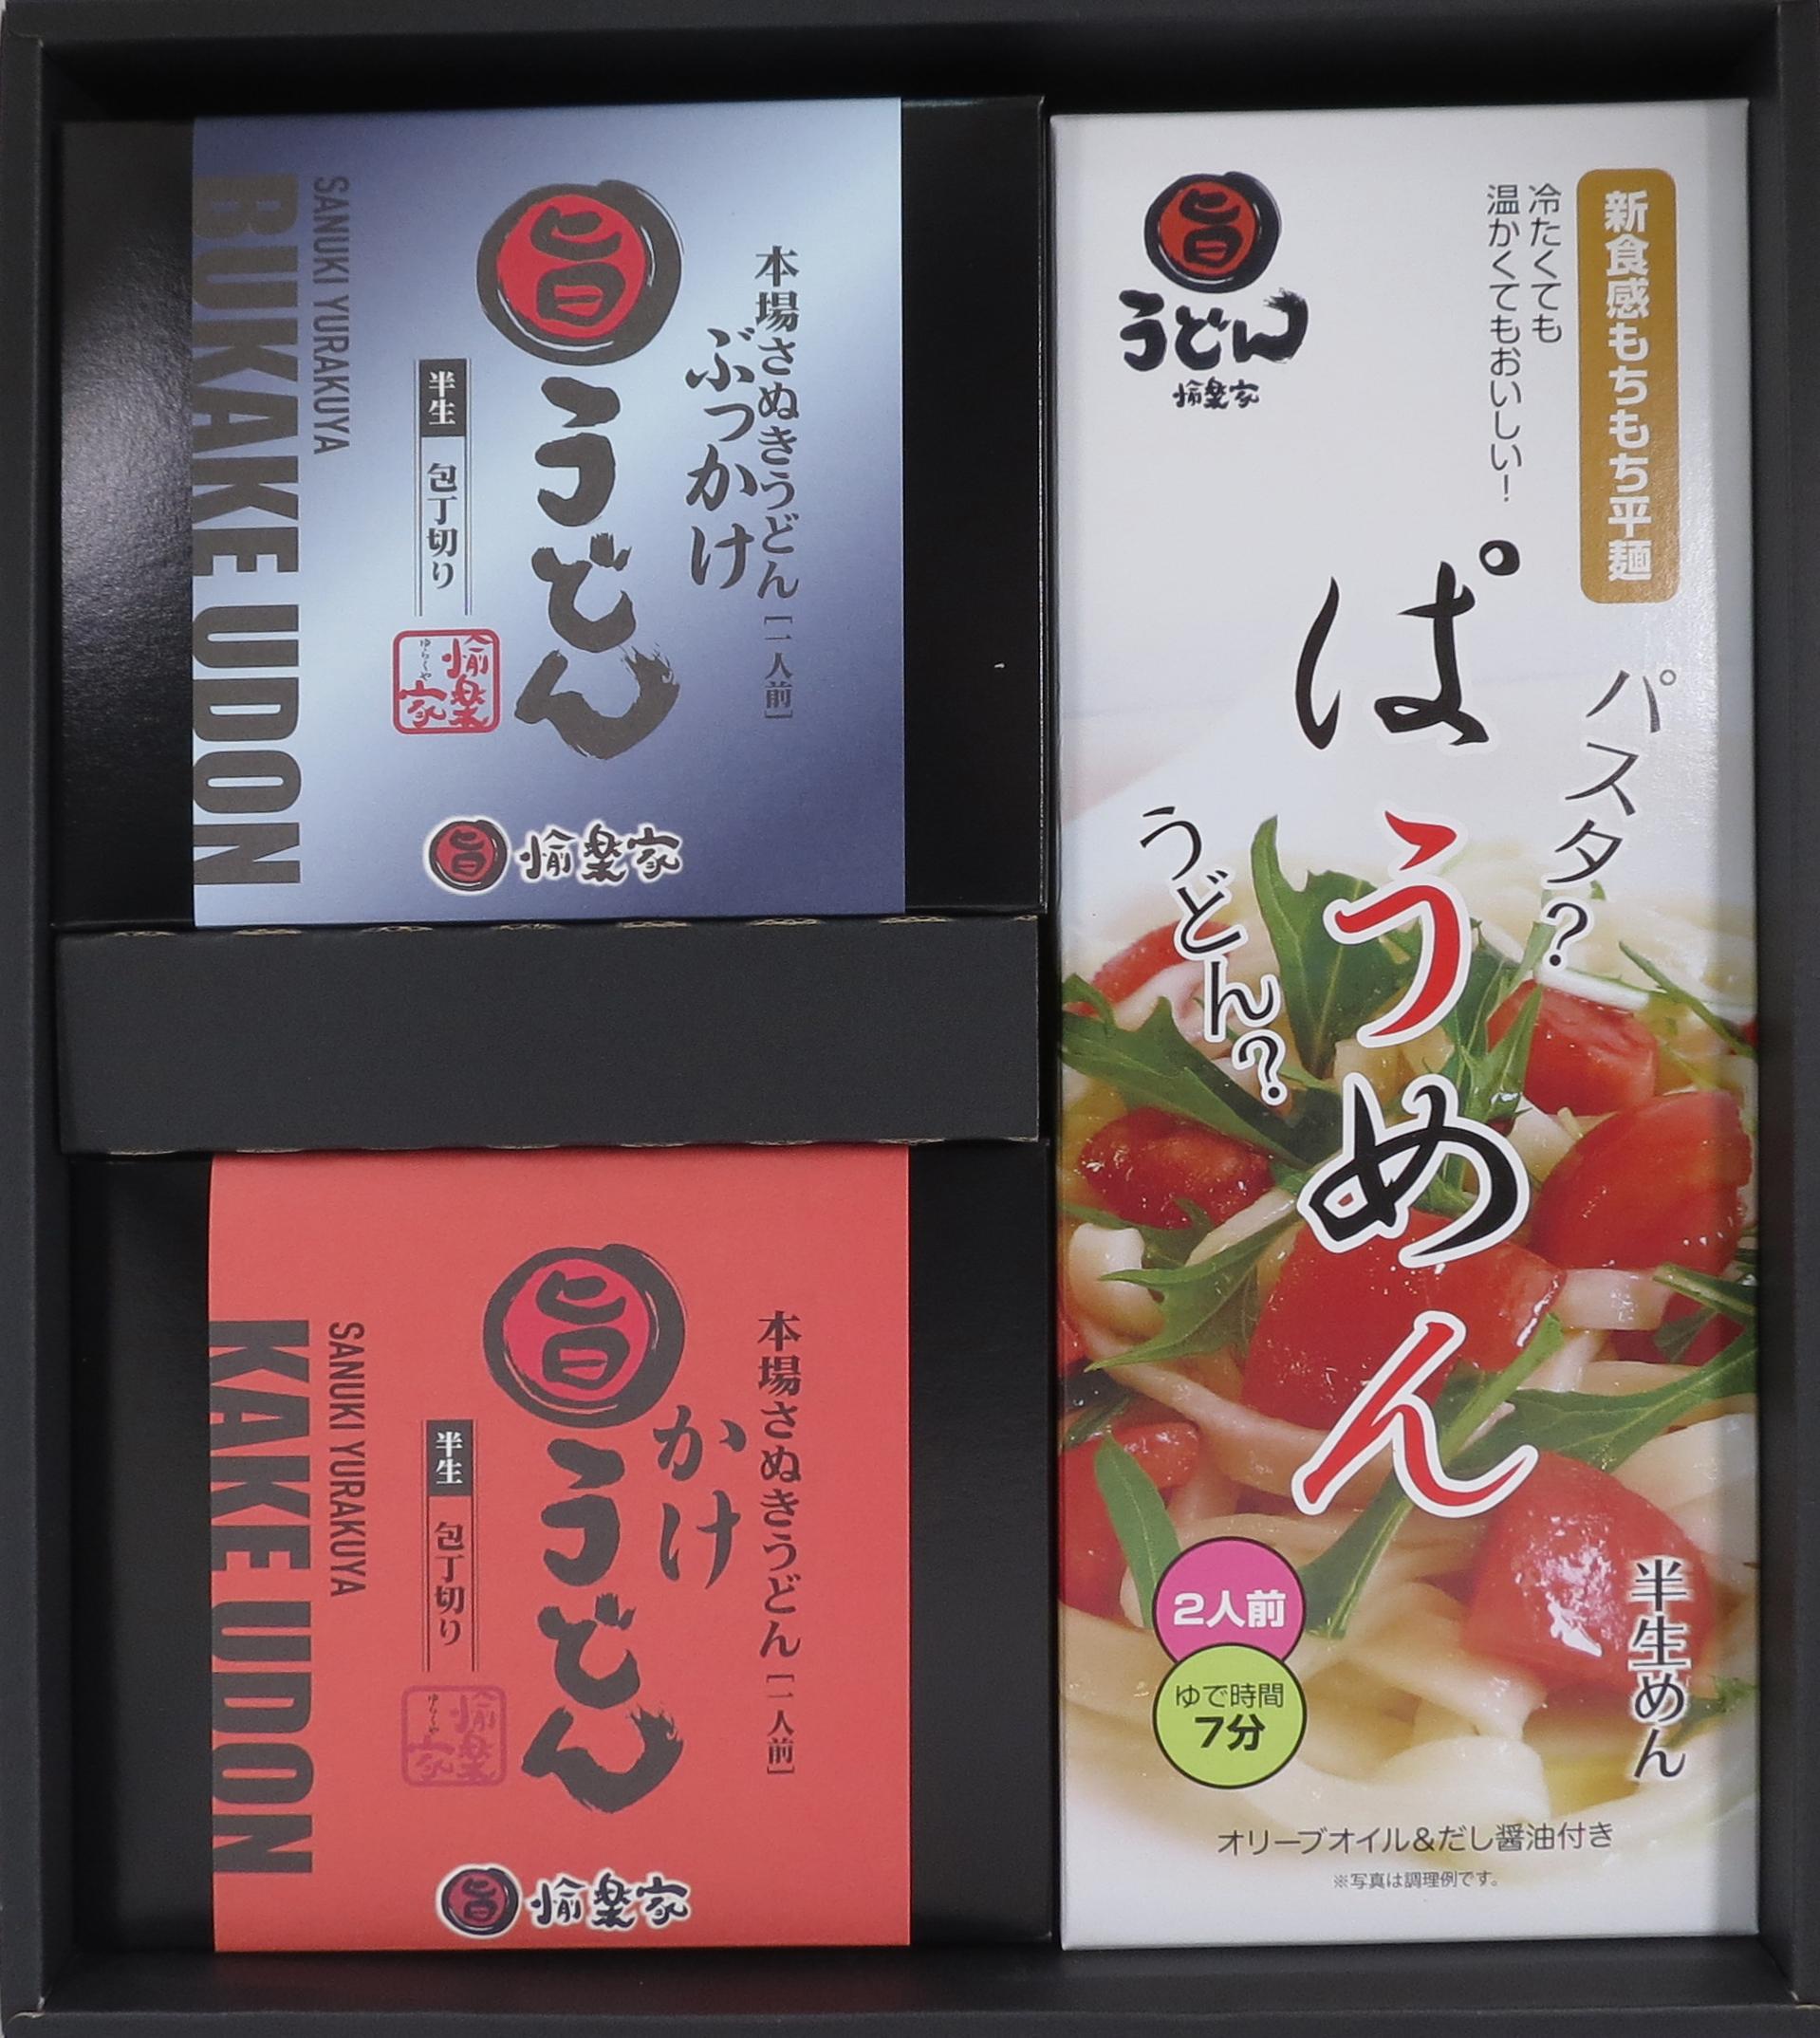 ぱうめん&○旨うどん 4種